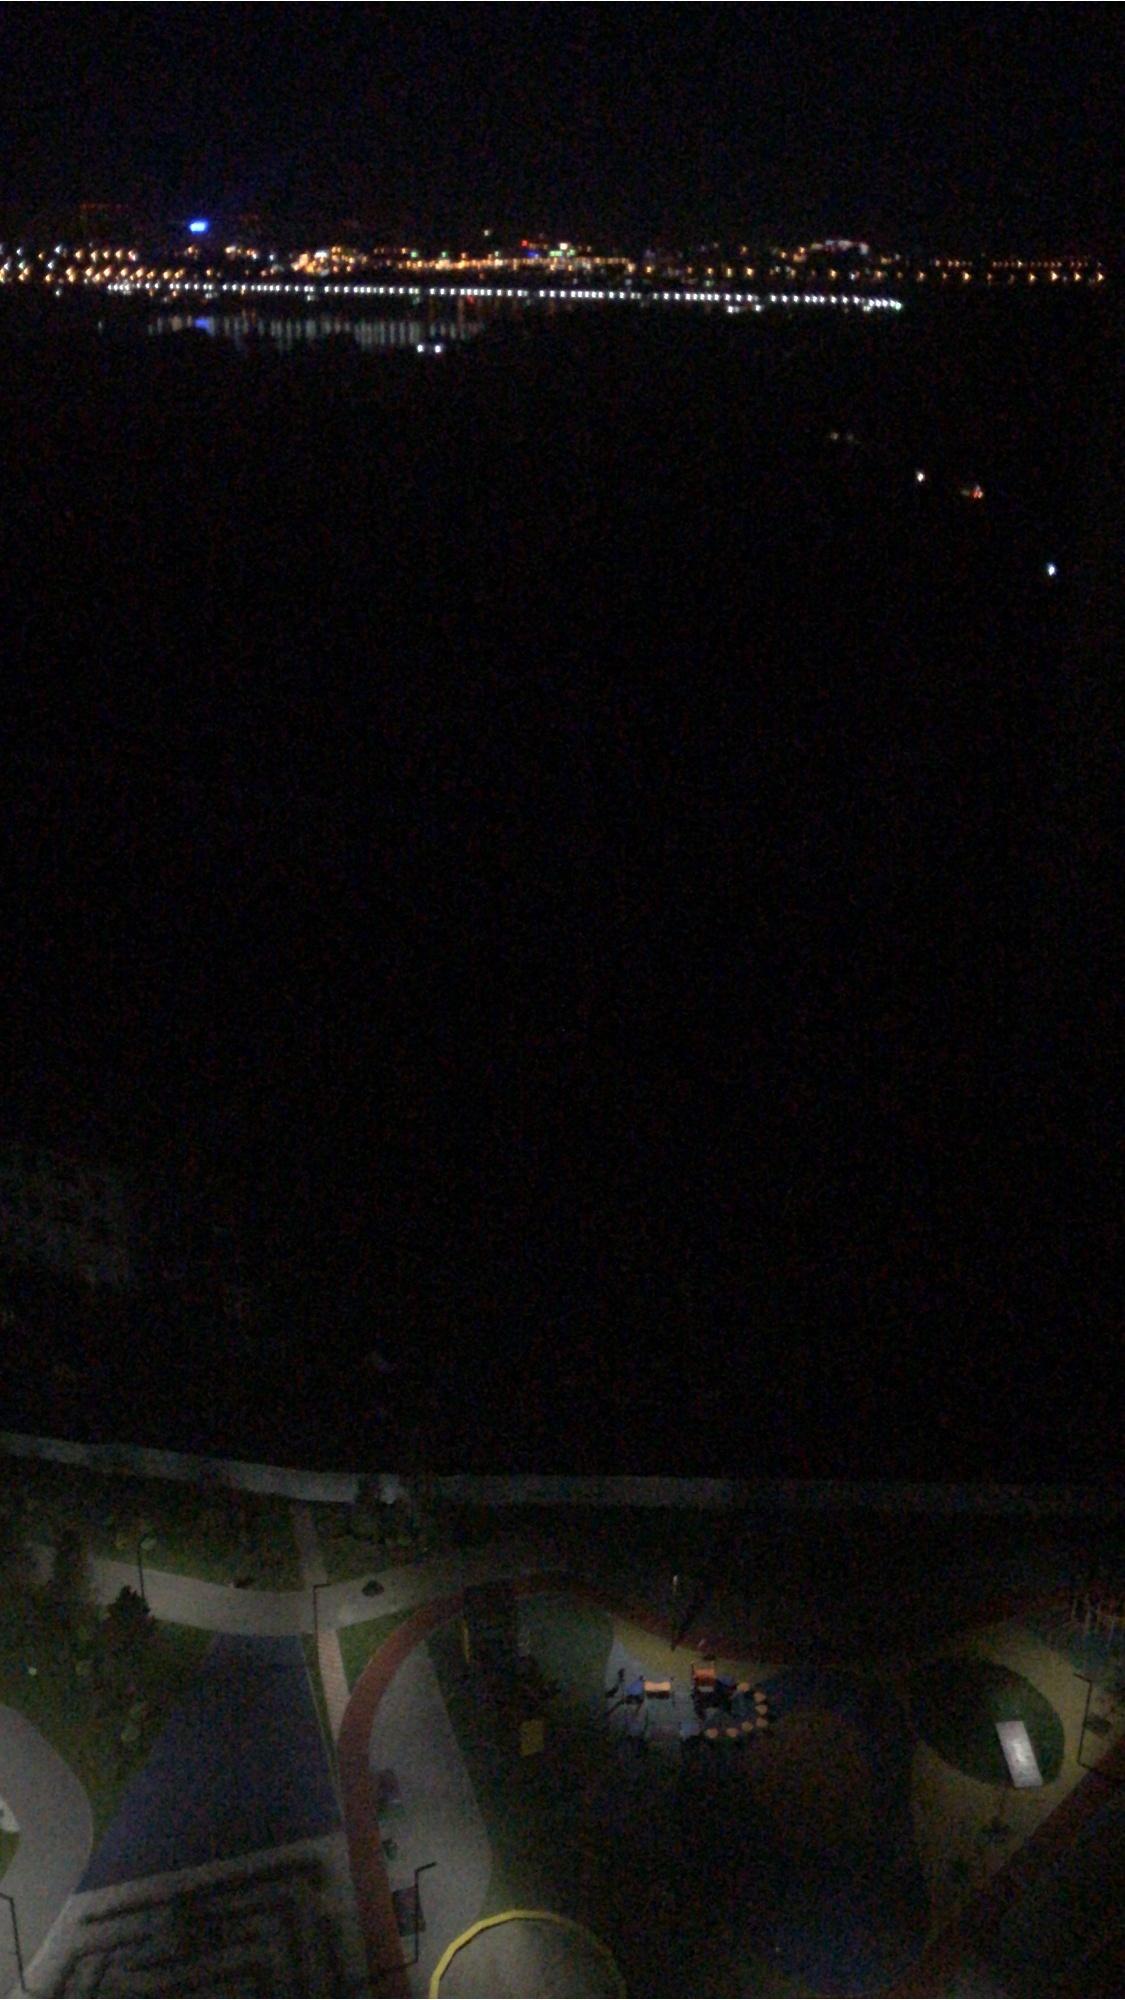 Фотография, сделанная с верхнего этажа одного из домов левобережья: внизу — детская площадка, вверху —огни правого берега, а между ними —чёрная пустота